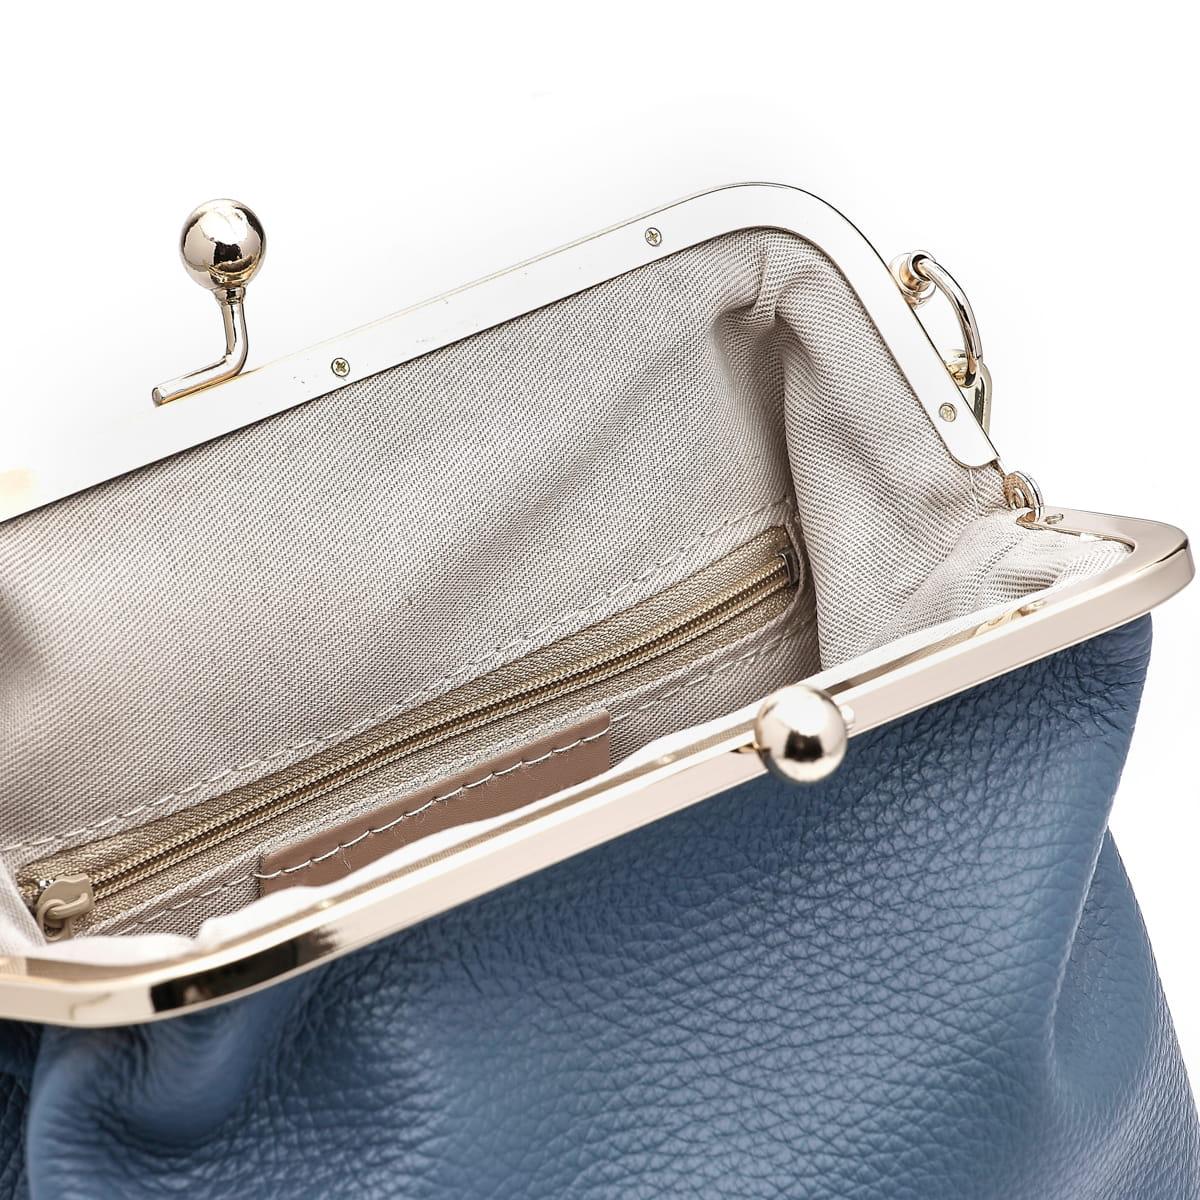 Mała skórzana torebka na złotym łańcuszku blue jeans (id 874)